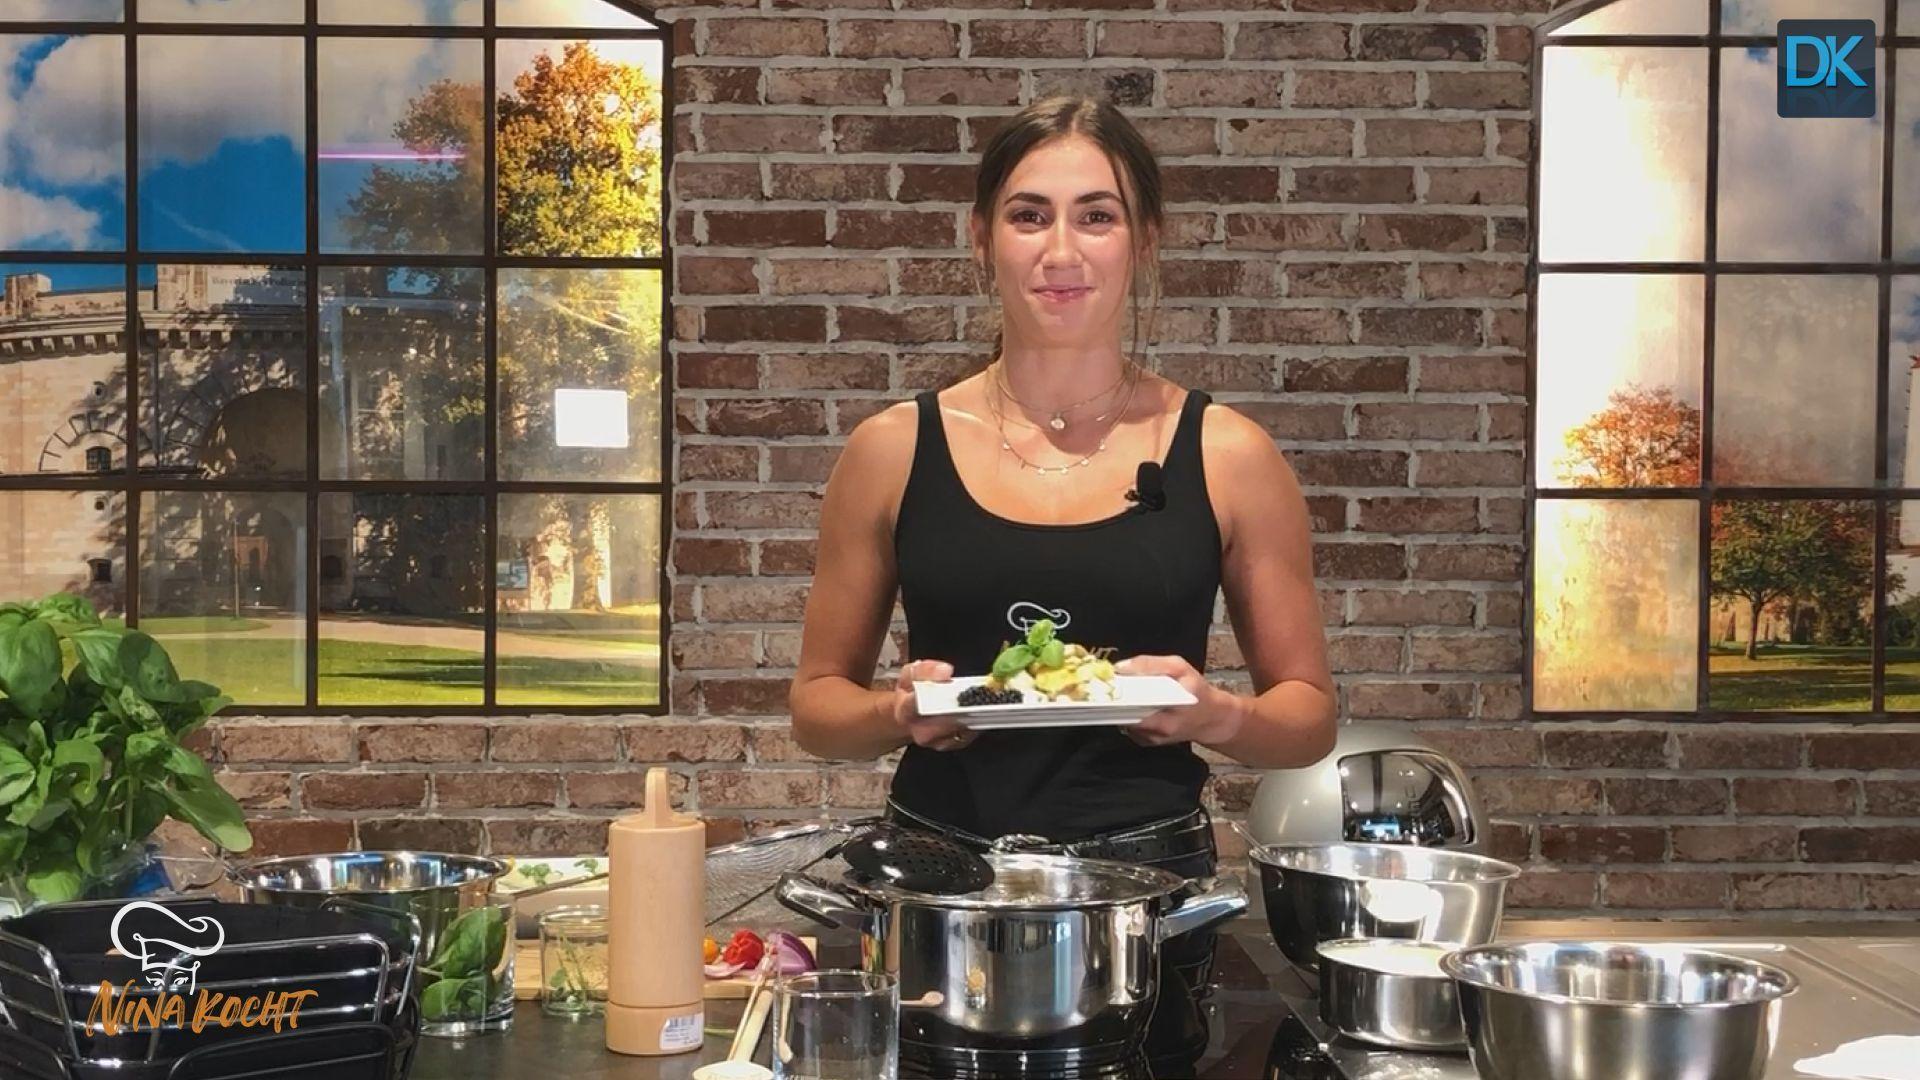 Nina kocht! Blitzschnell, gesund und richtig lecker – Gerichte zum Nachkochen. Frittierter Mozzarella auf Melonensalat. #jummy